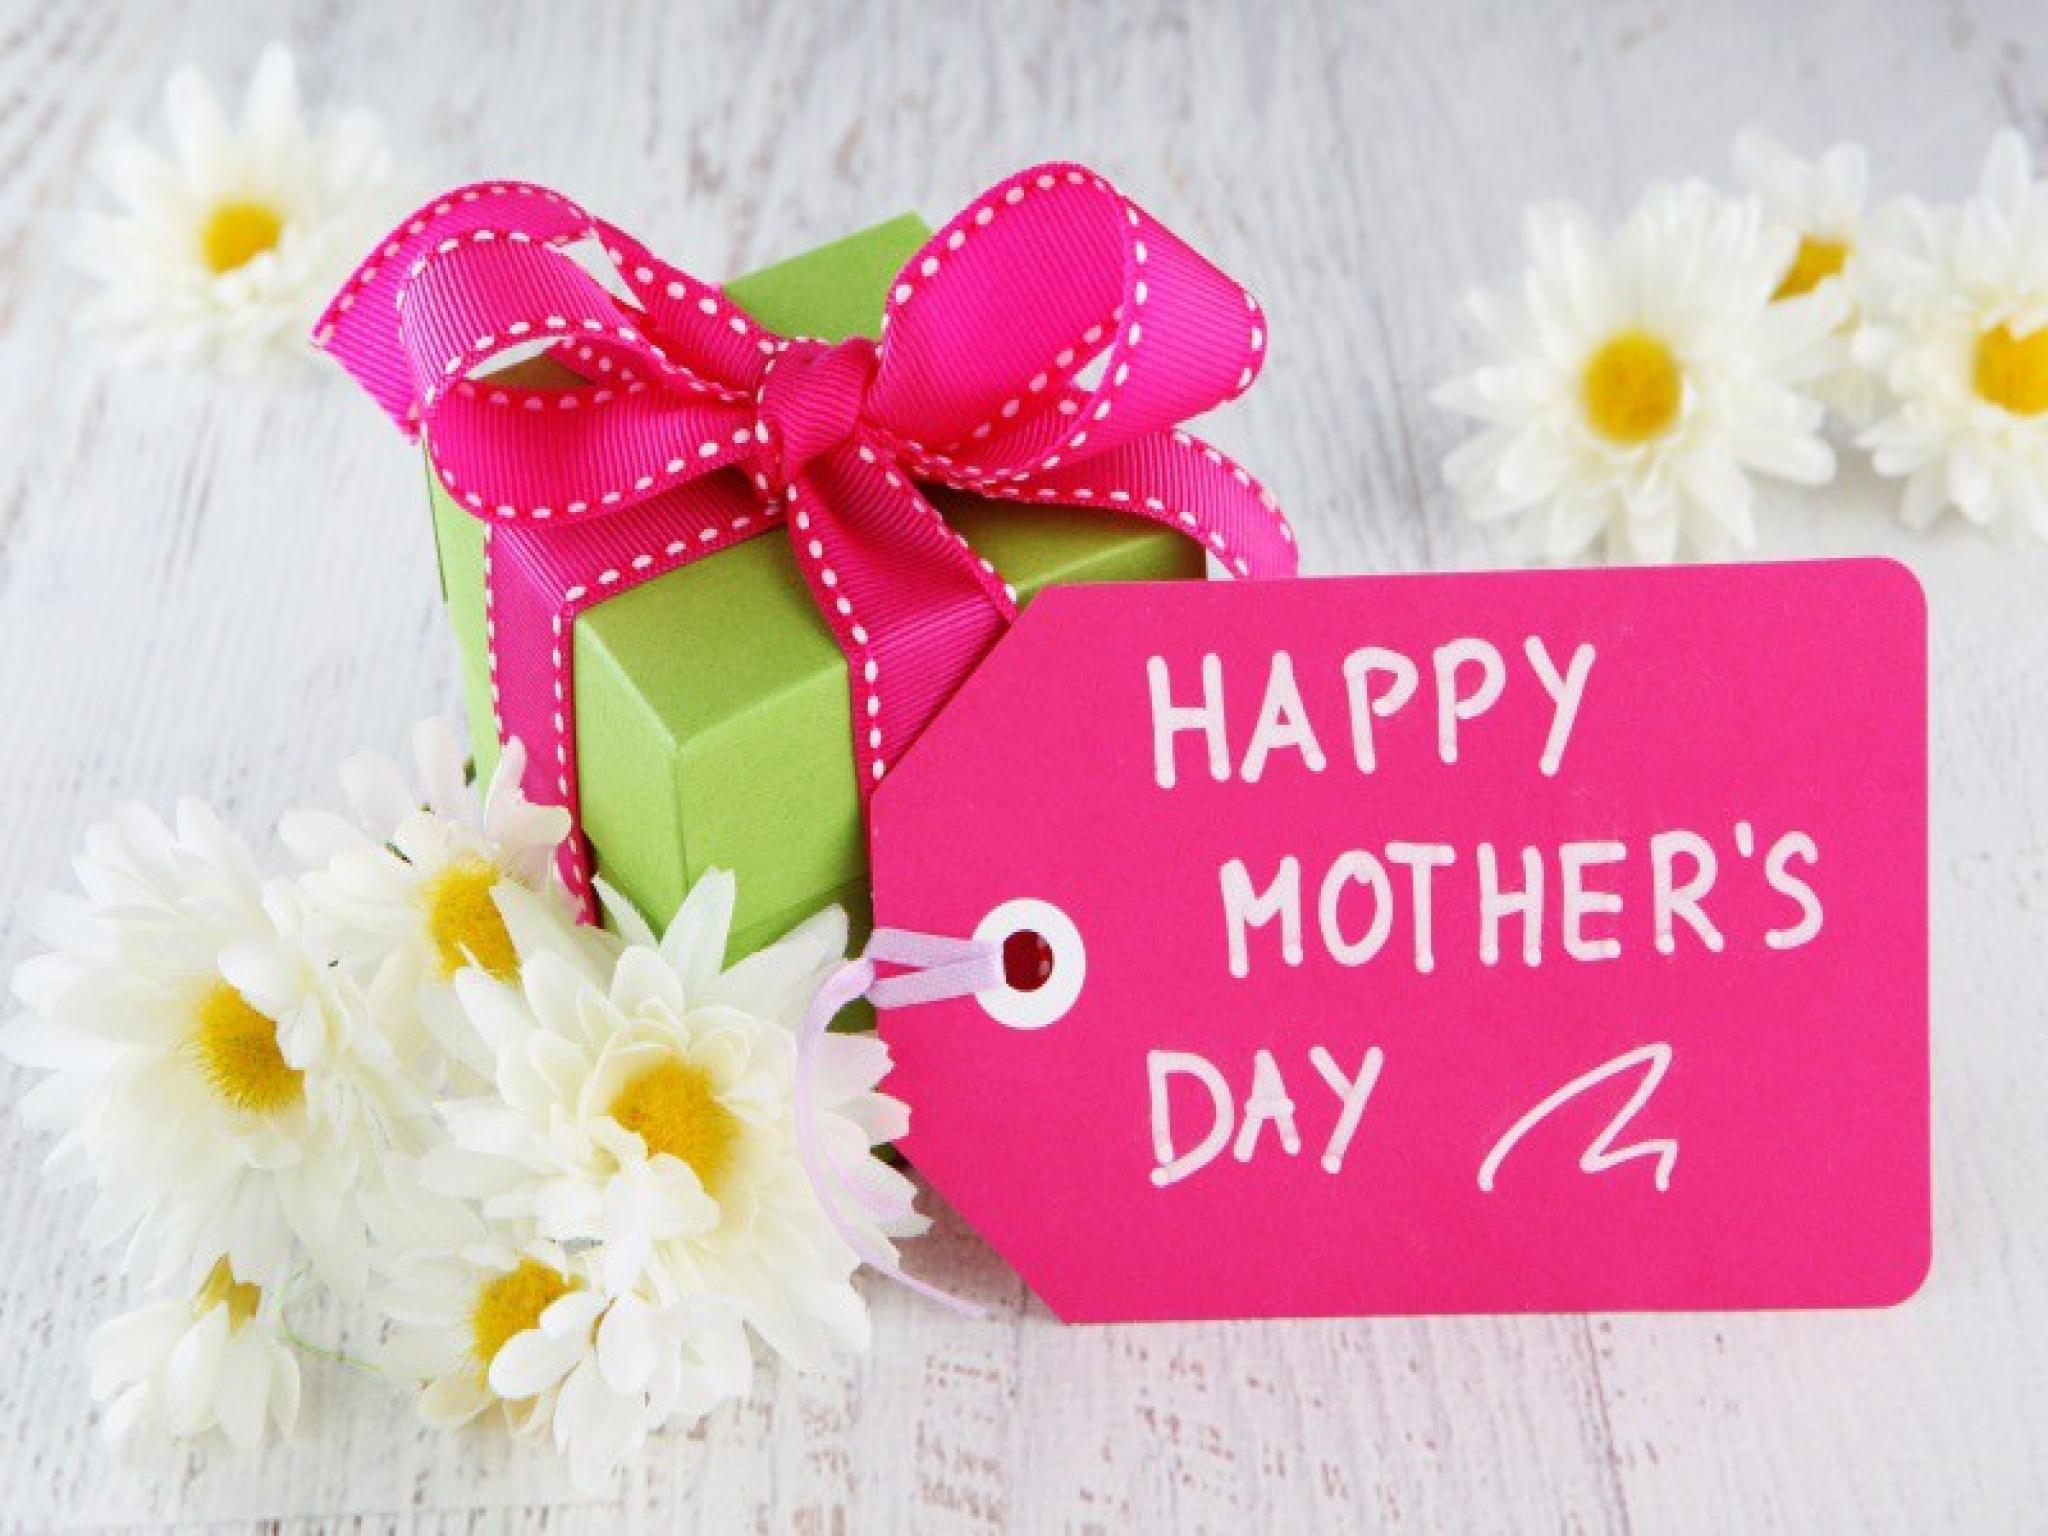 صور وكروت وبطاقات معايدة لعيد الأم - Happy Mother's Day 2020 3